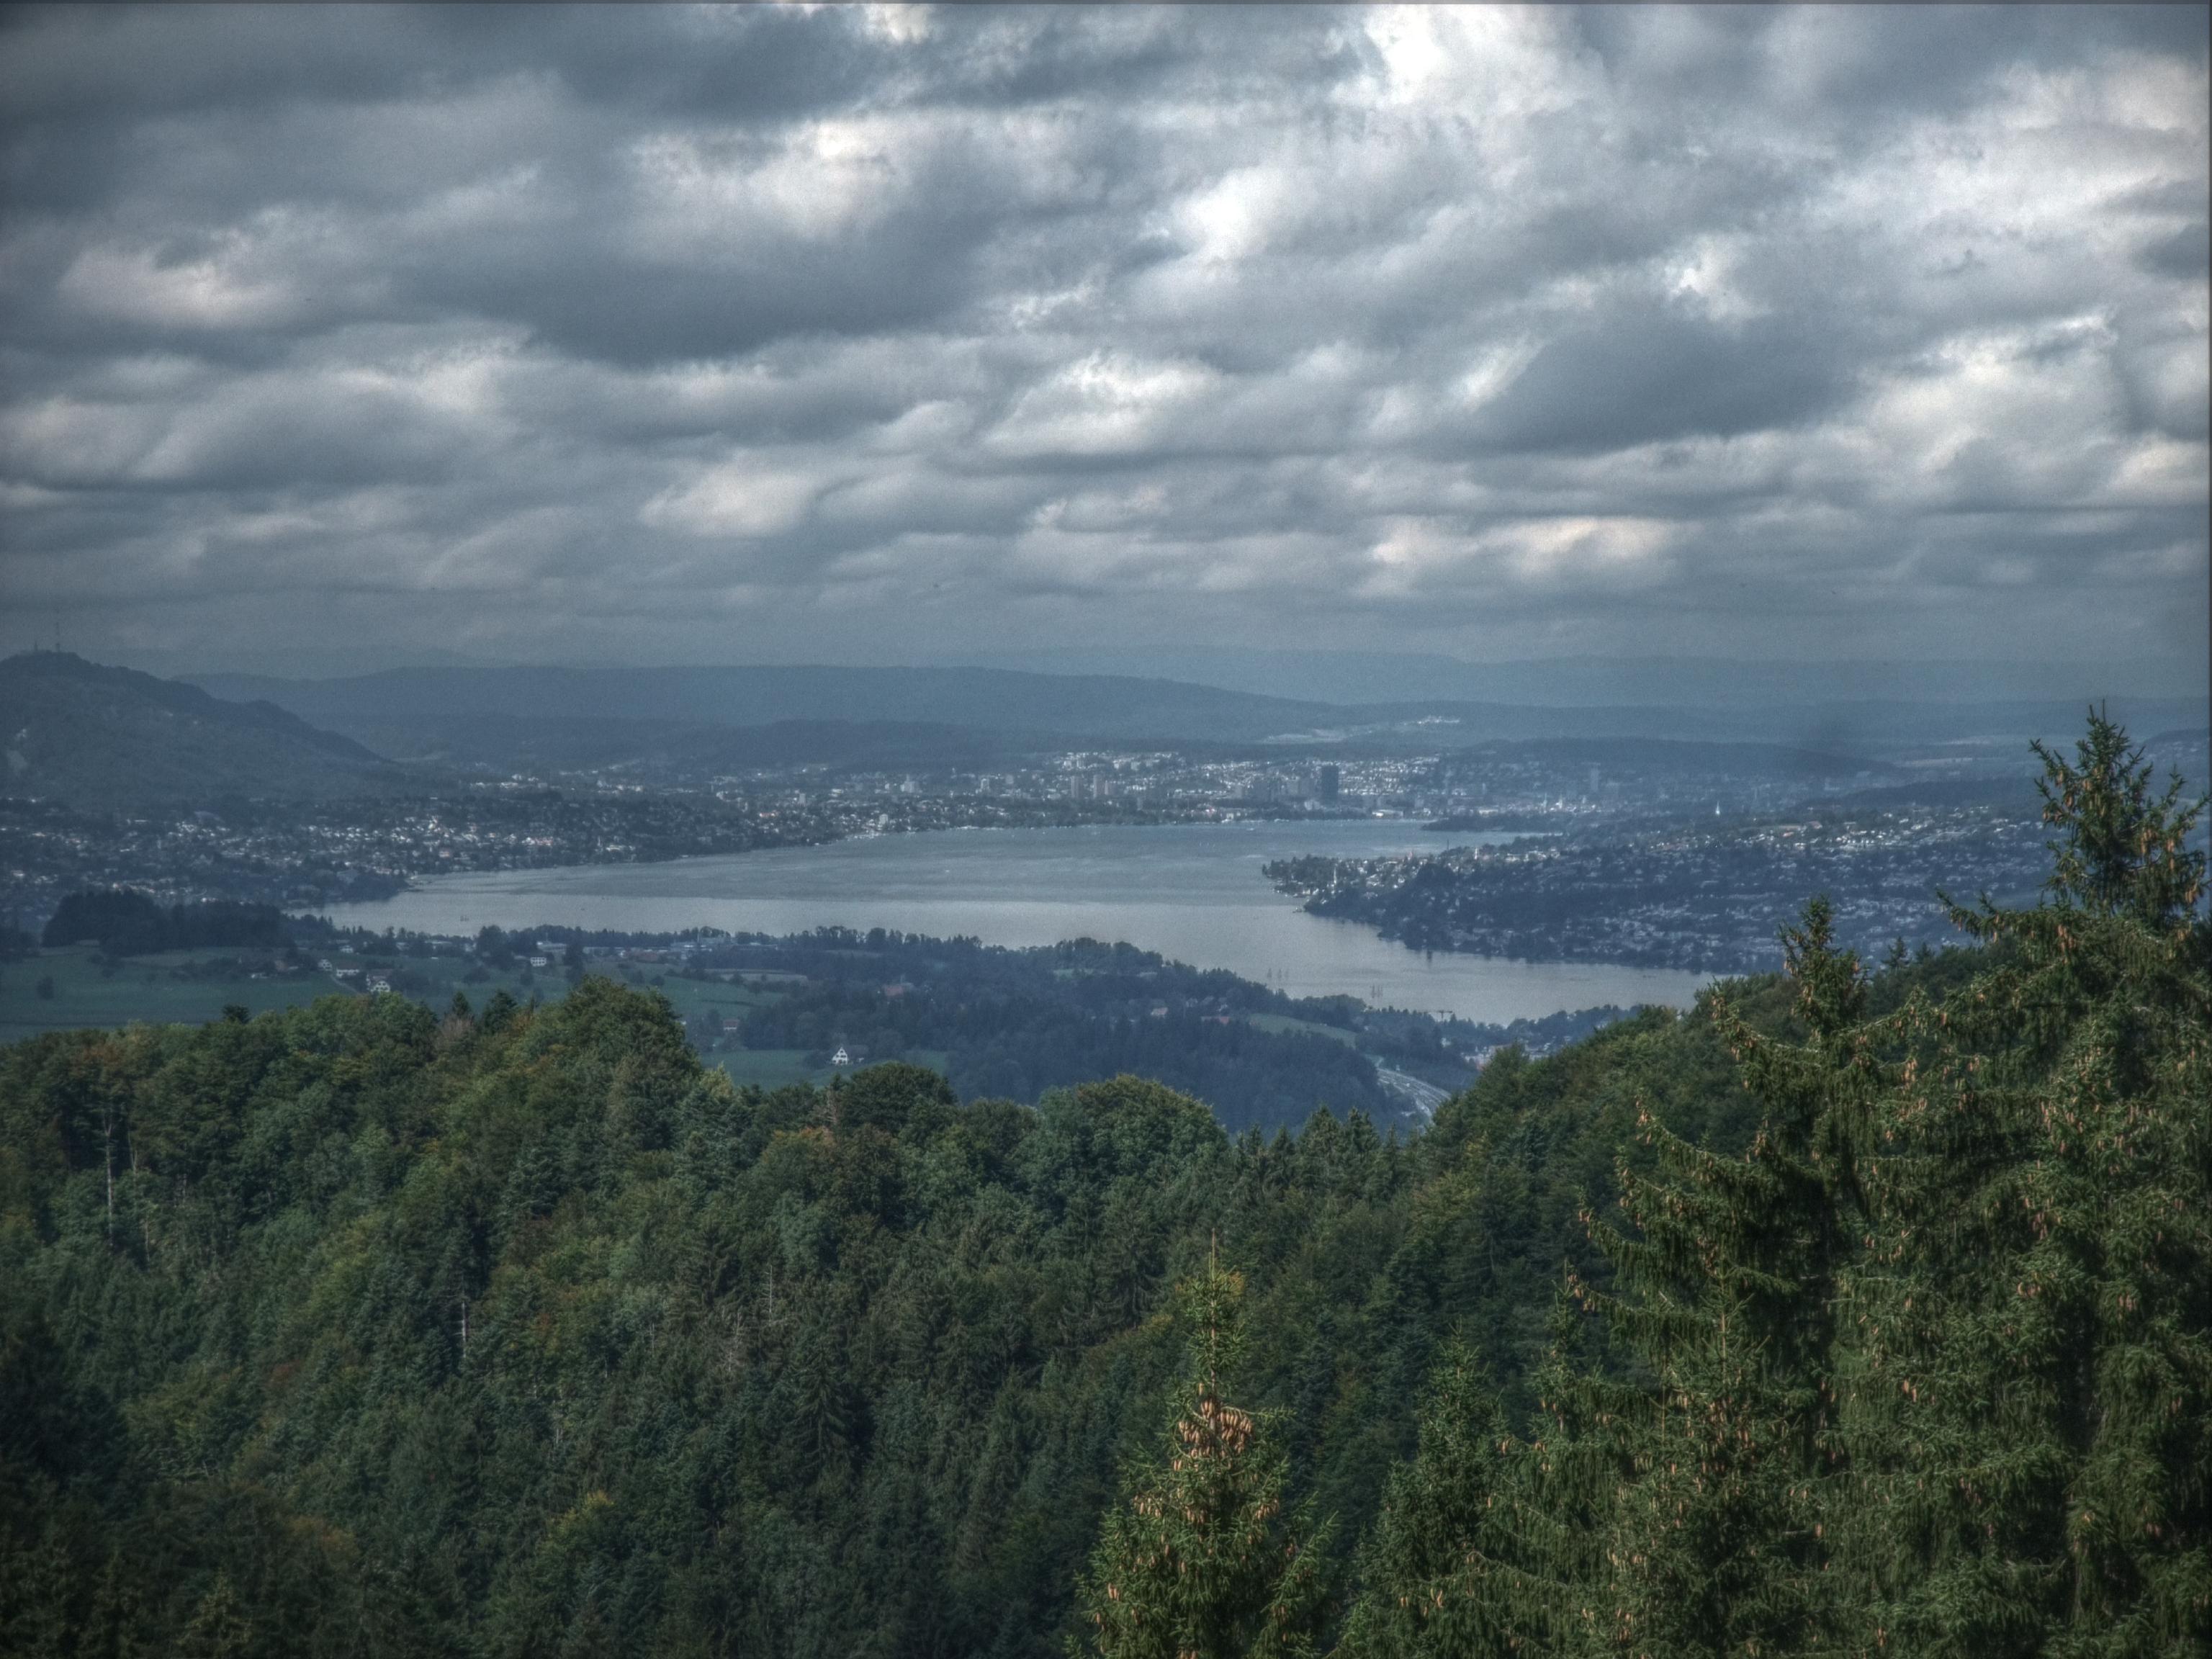 Von oben auf dem Rossberg sogar der Blick bis nach Zürich.